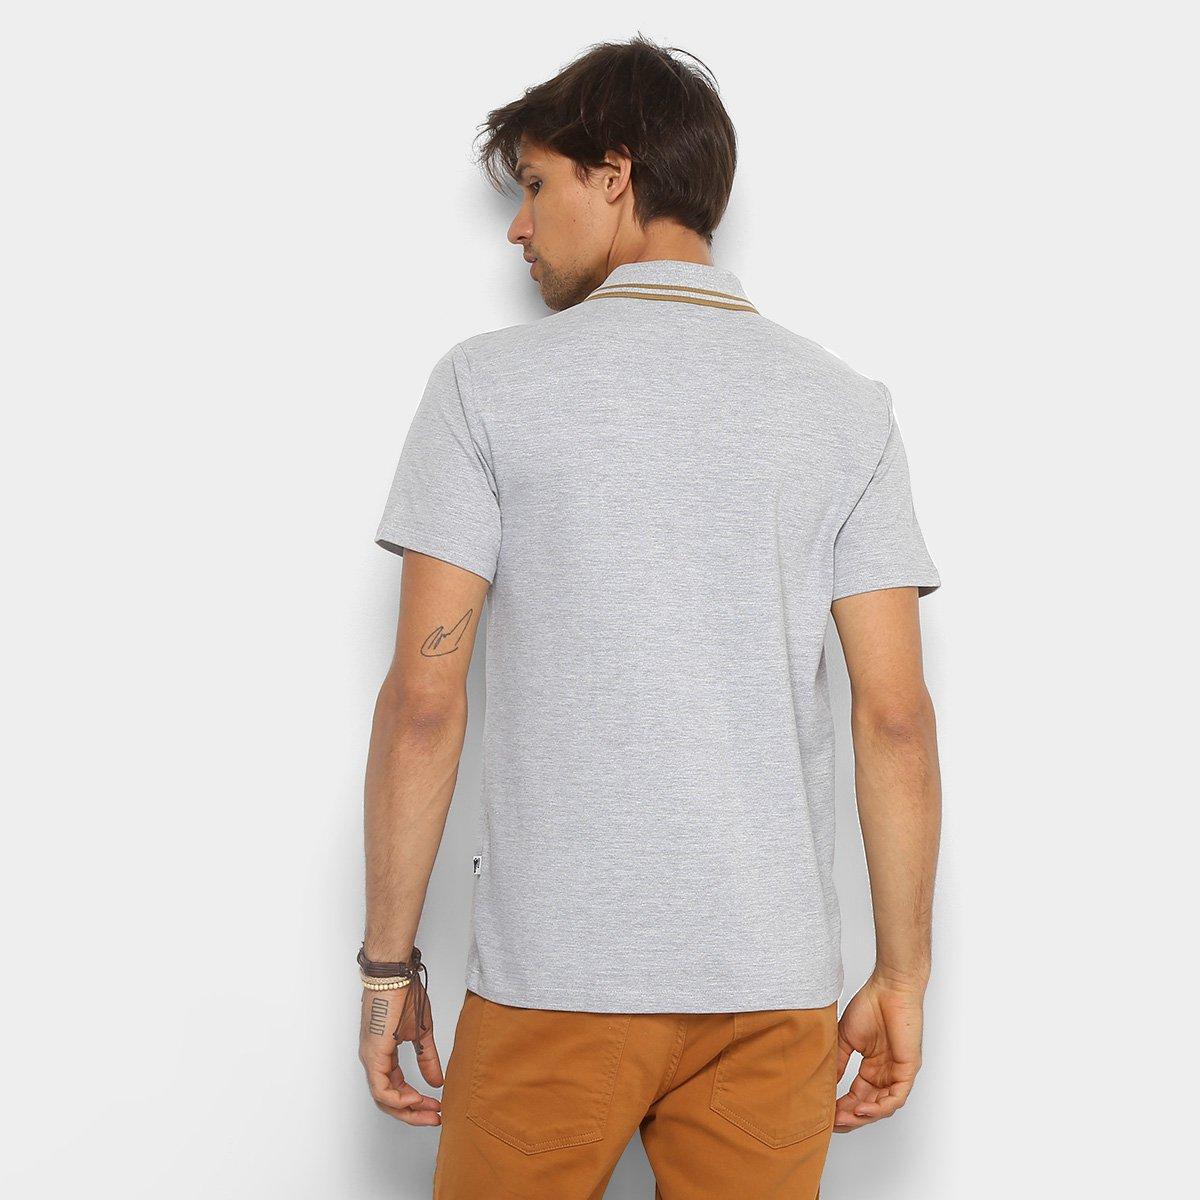 4431e92e4a Camisa Polo Cavalera Piquet Frisos Masculina - Mescla Claro - Compre ...